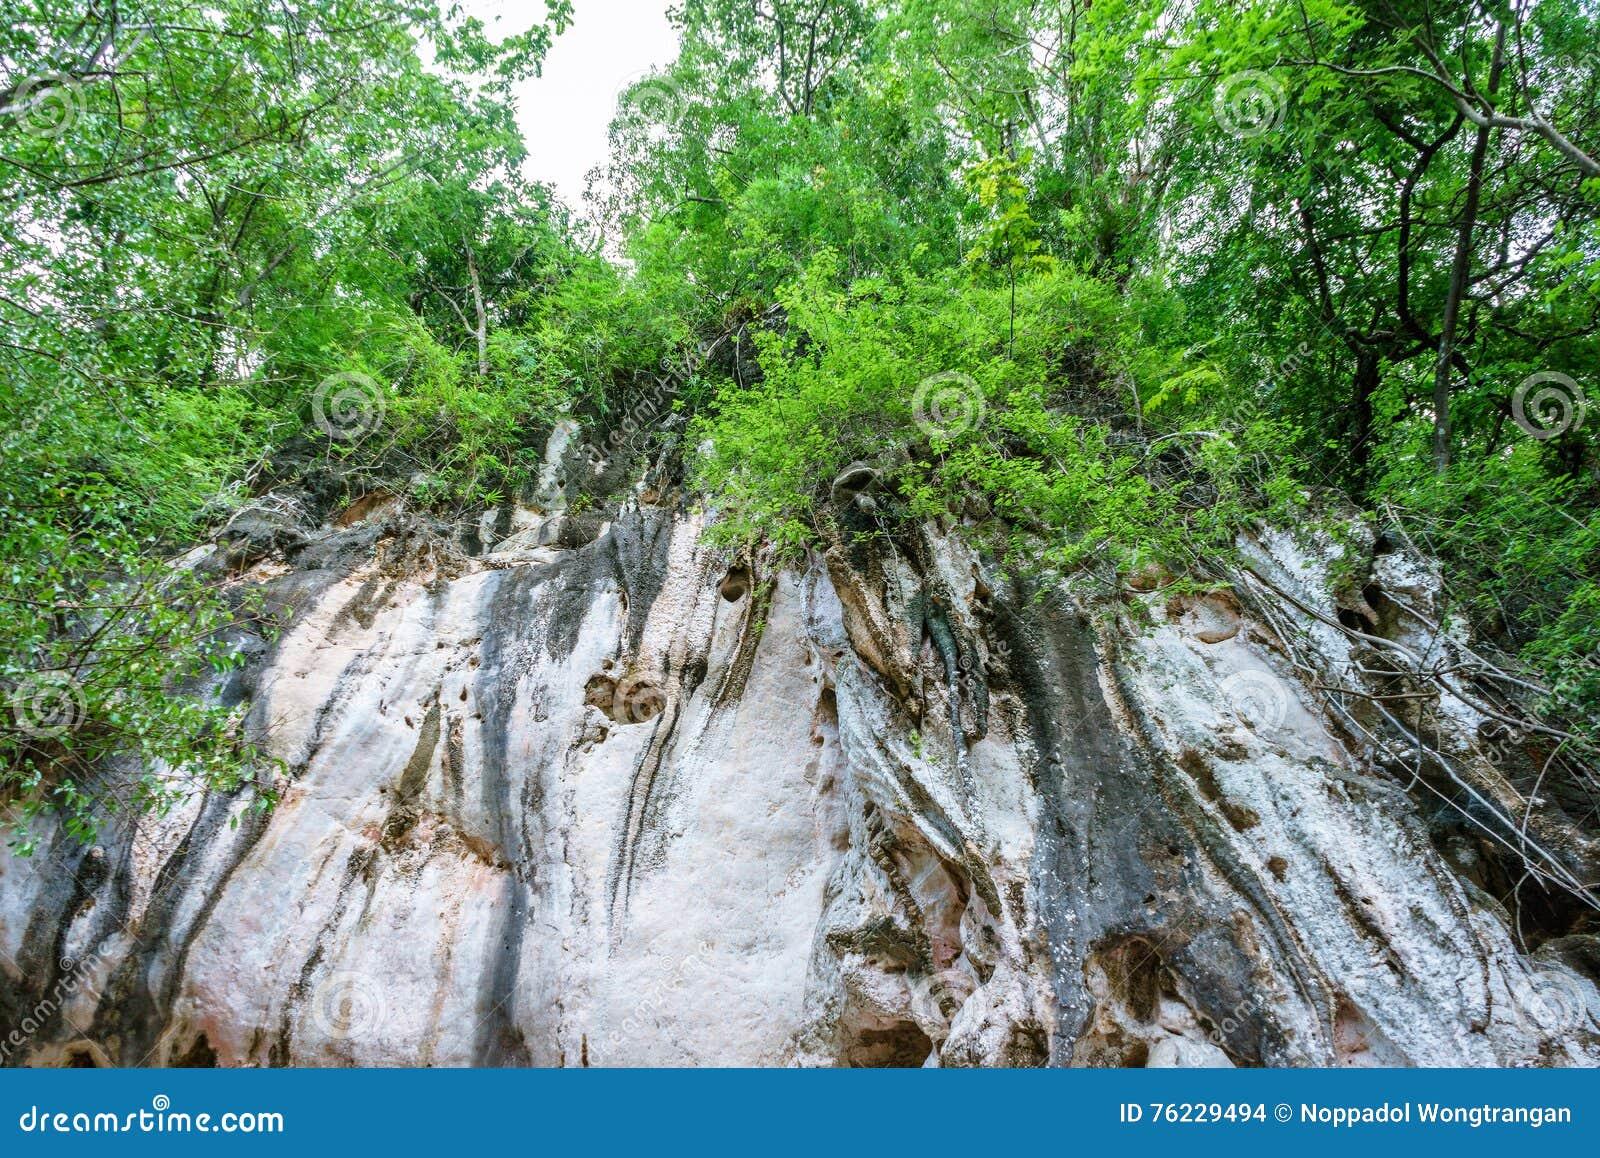 高岩石峭壁在森林里